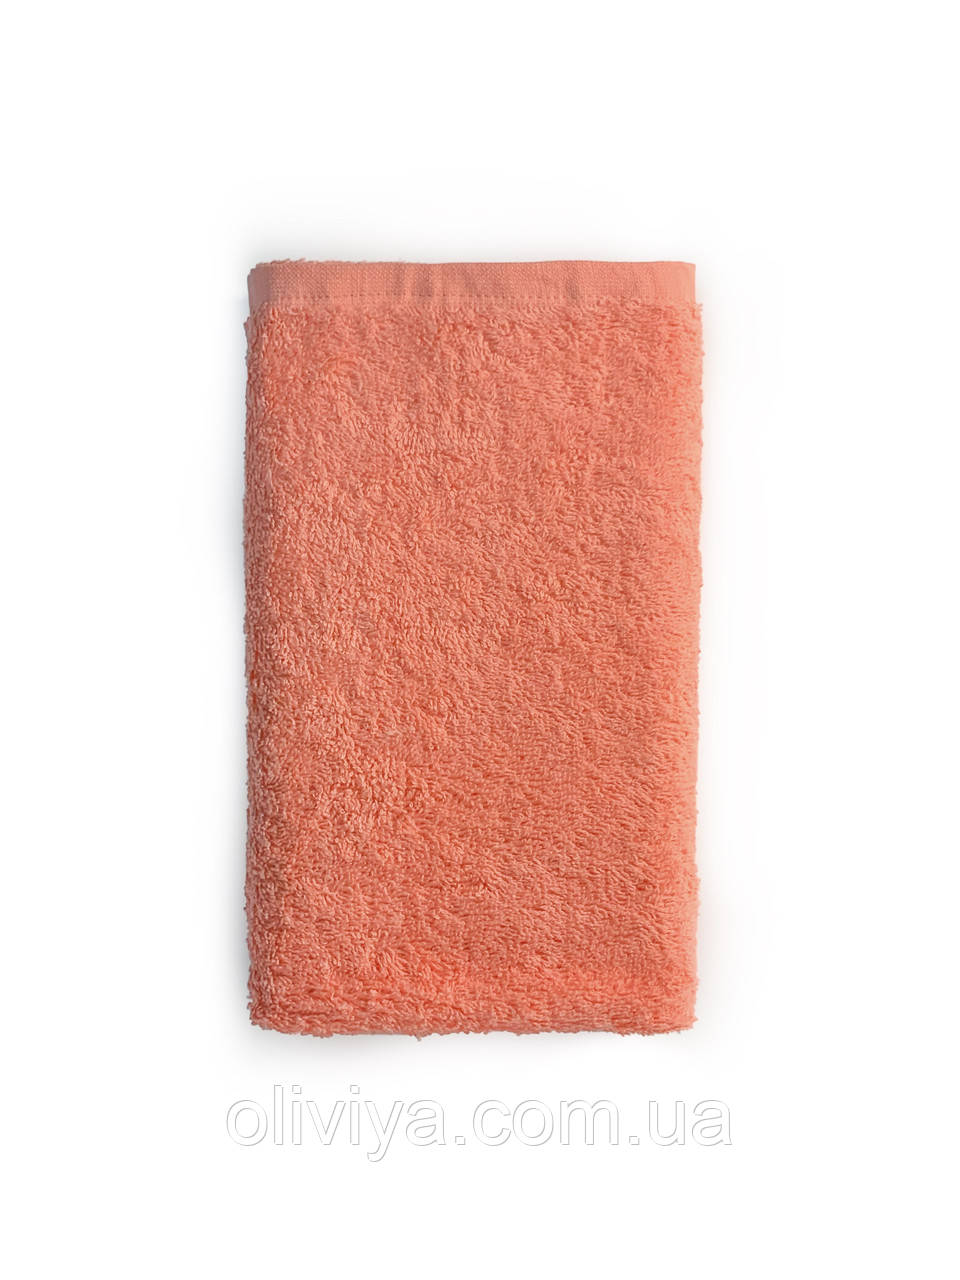 Полотенце для бани и сауны персиковый